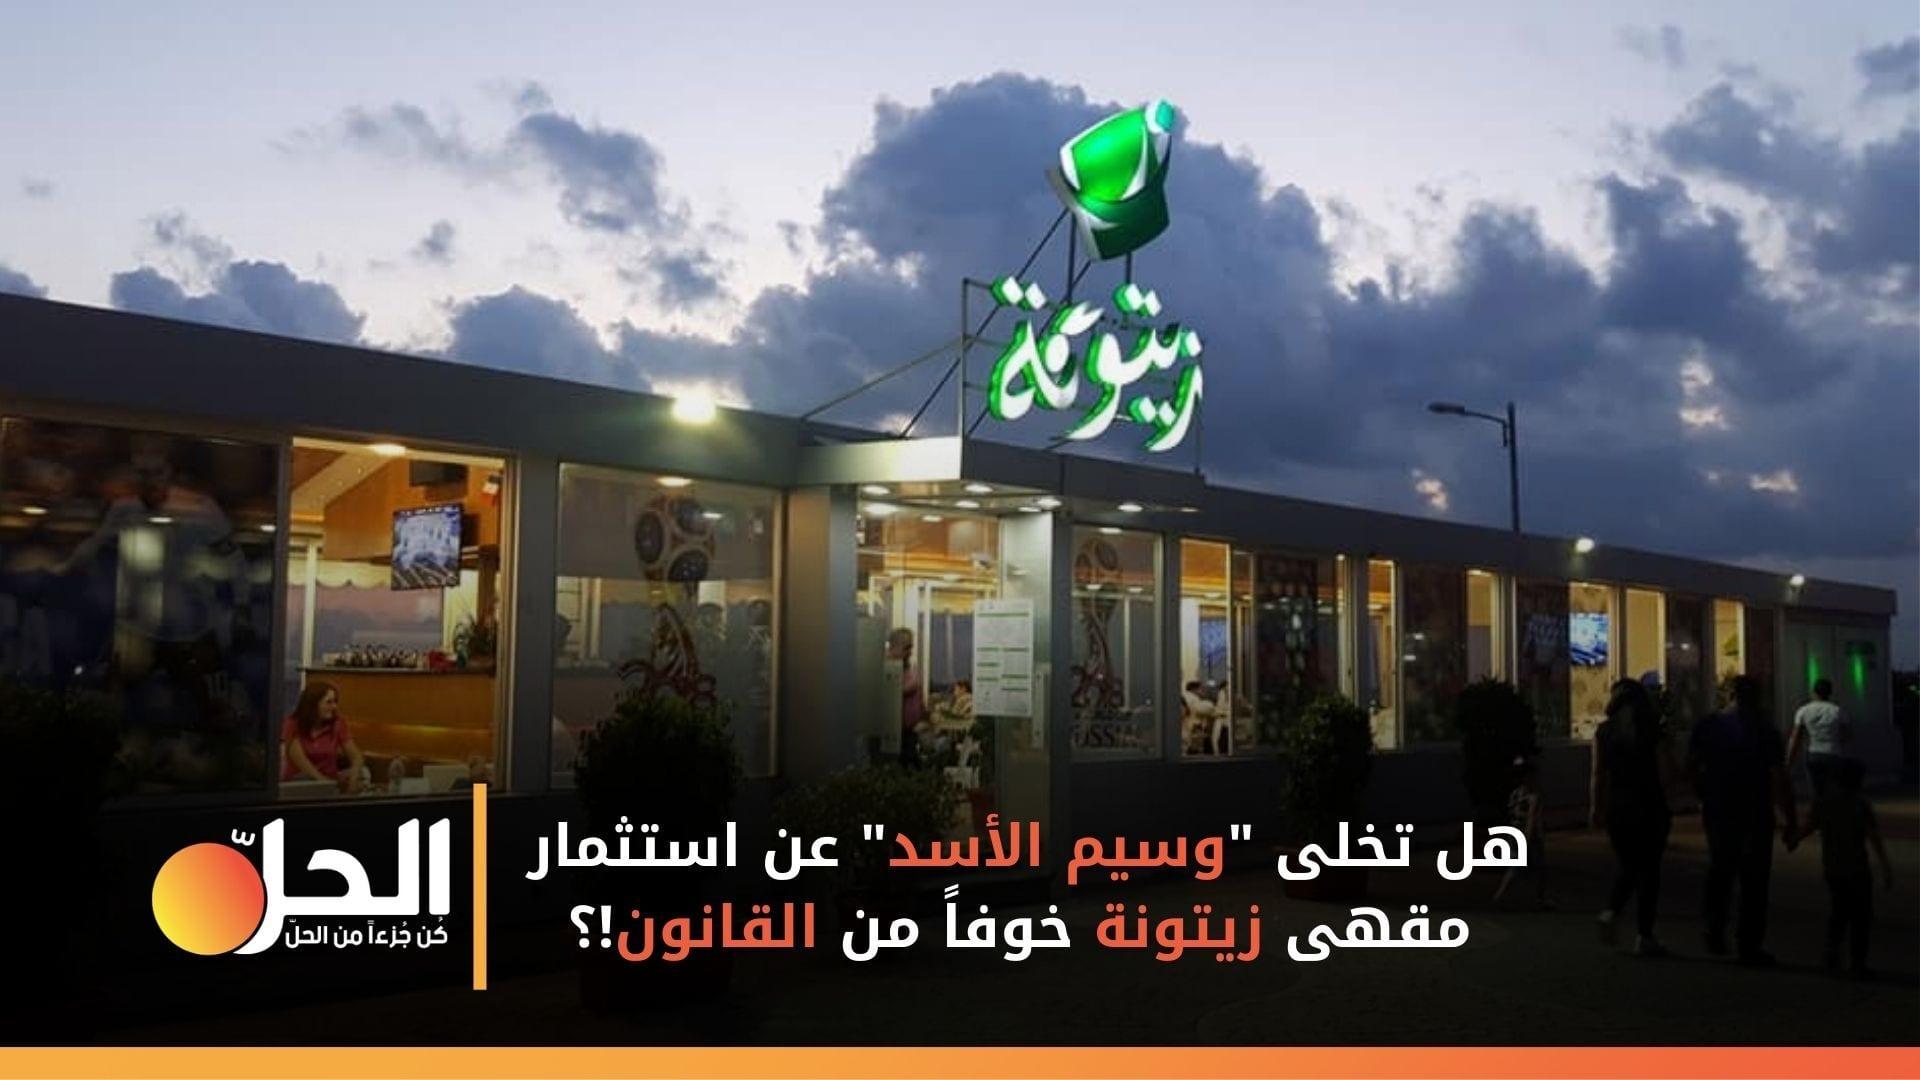 """وسيم الأسد يتخلى عن استثمار مقهى """"زيتونا"""" بعد اتهامات بالفساد"""